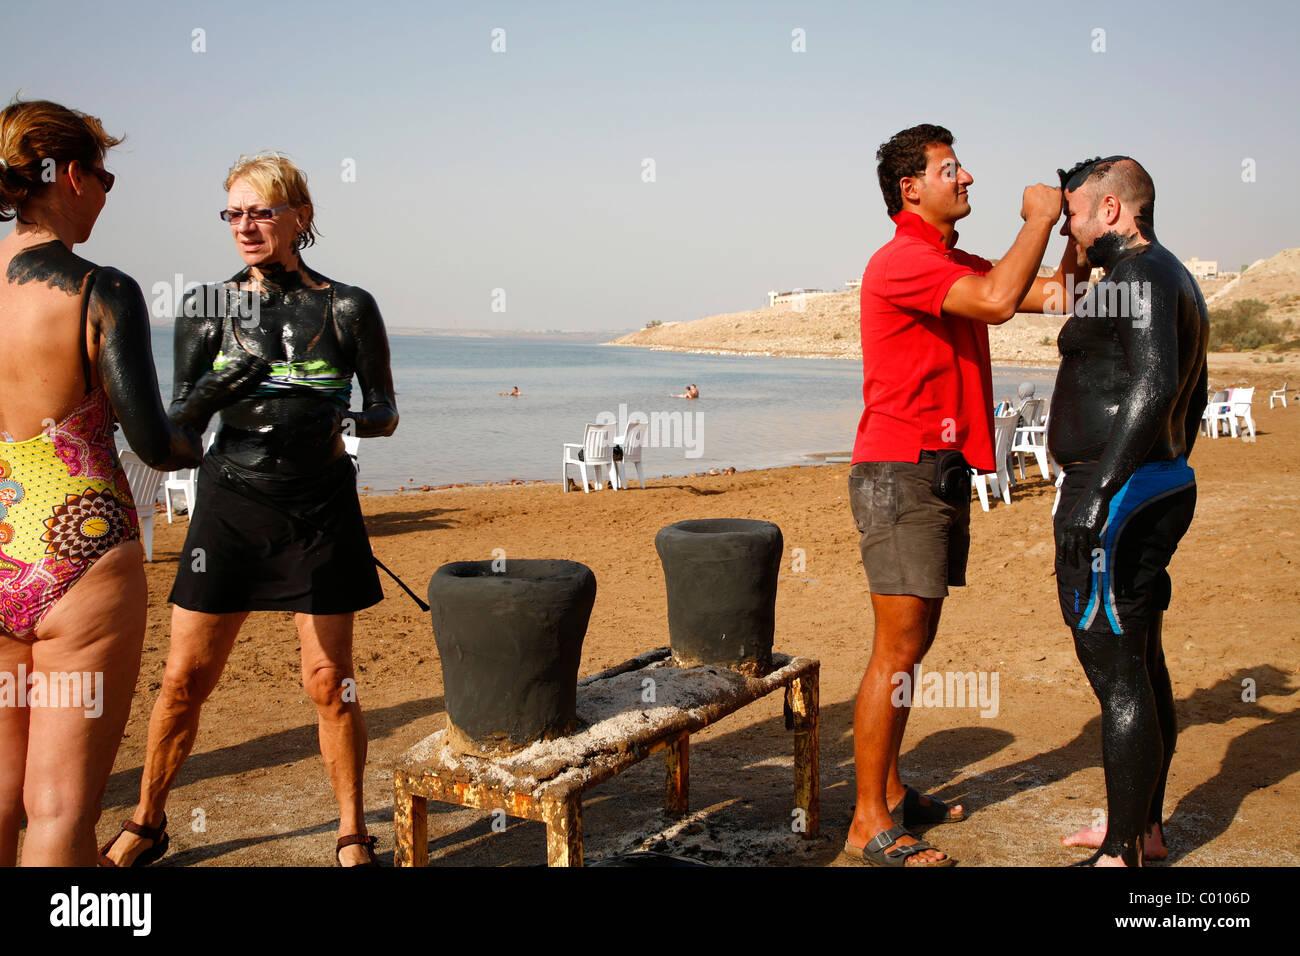 Persone coperte con il fango del Mar Morto, Giordania. Immagini Stock